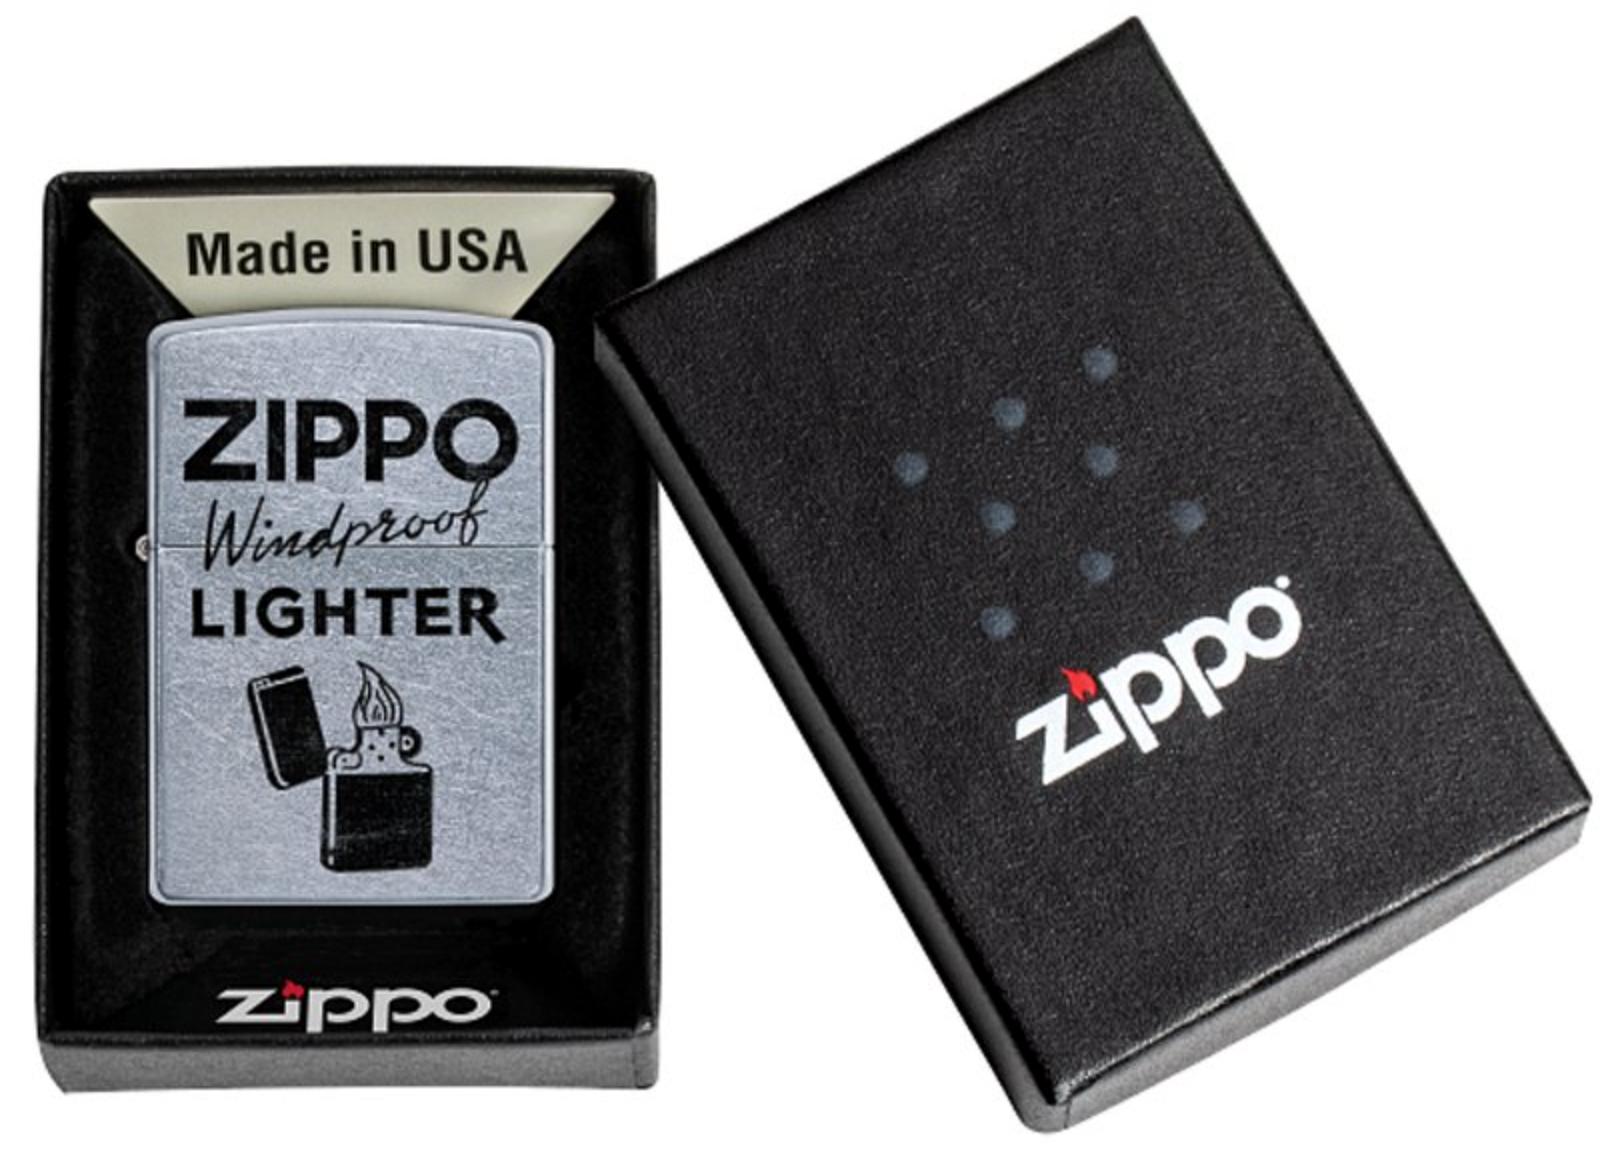 Зажигалка Zippo, цвет латунь/сталь, серебристая, 38х13х57 мм (Zippo Windproof) | Wenger-Victorinox.Ru